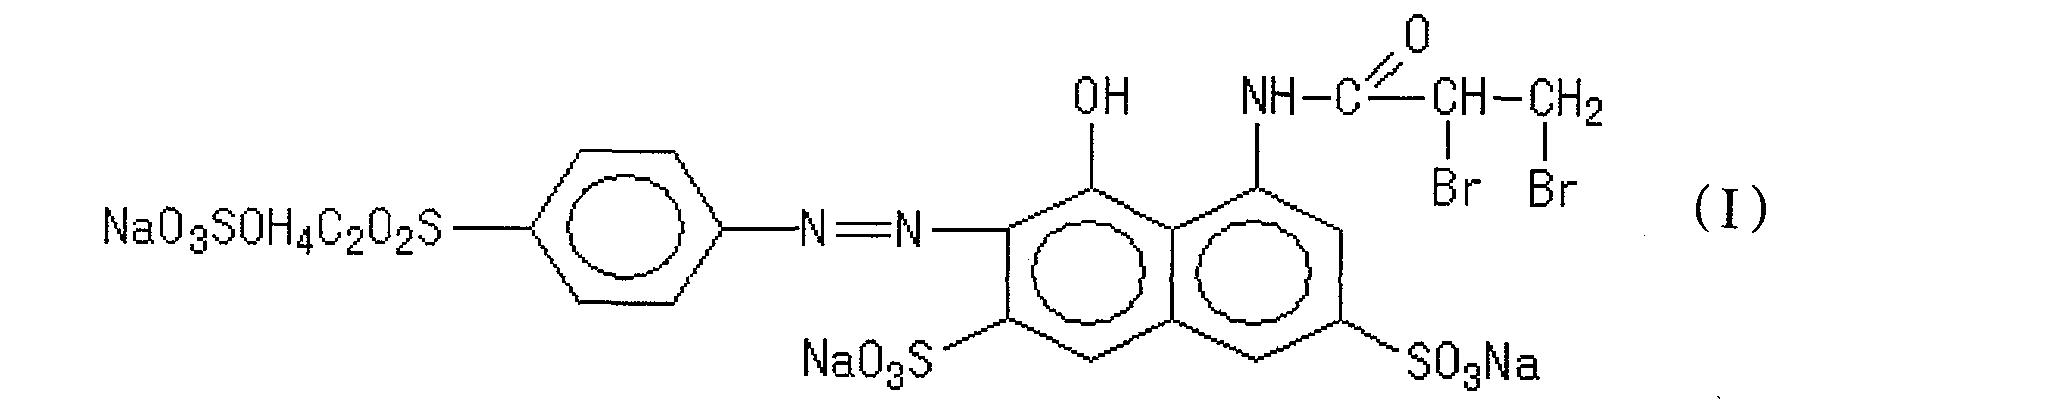 Figure CN101735652BC00021